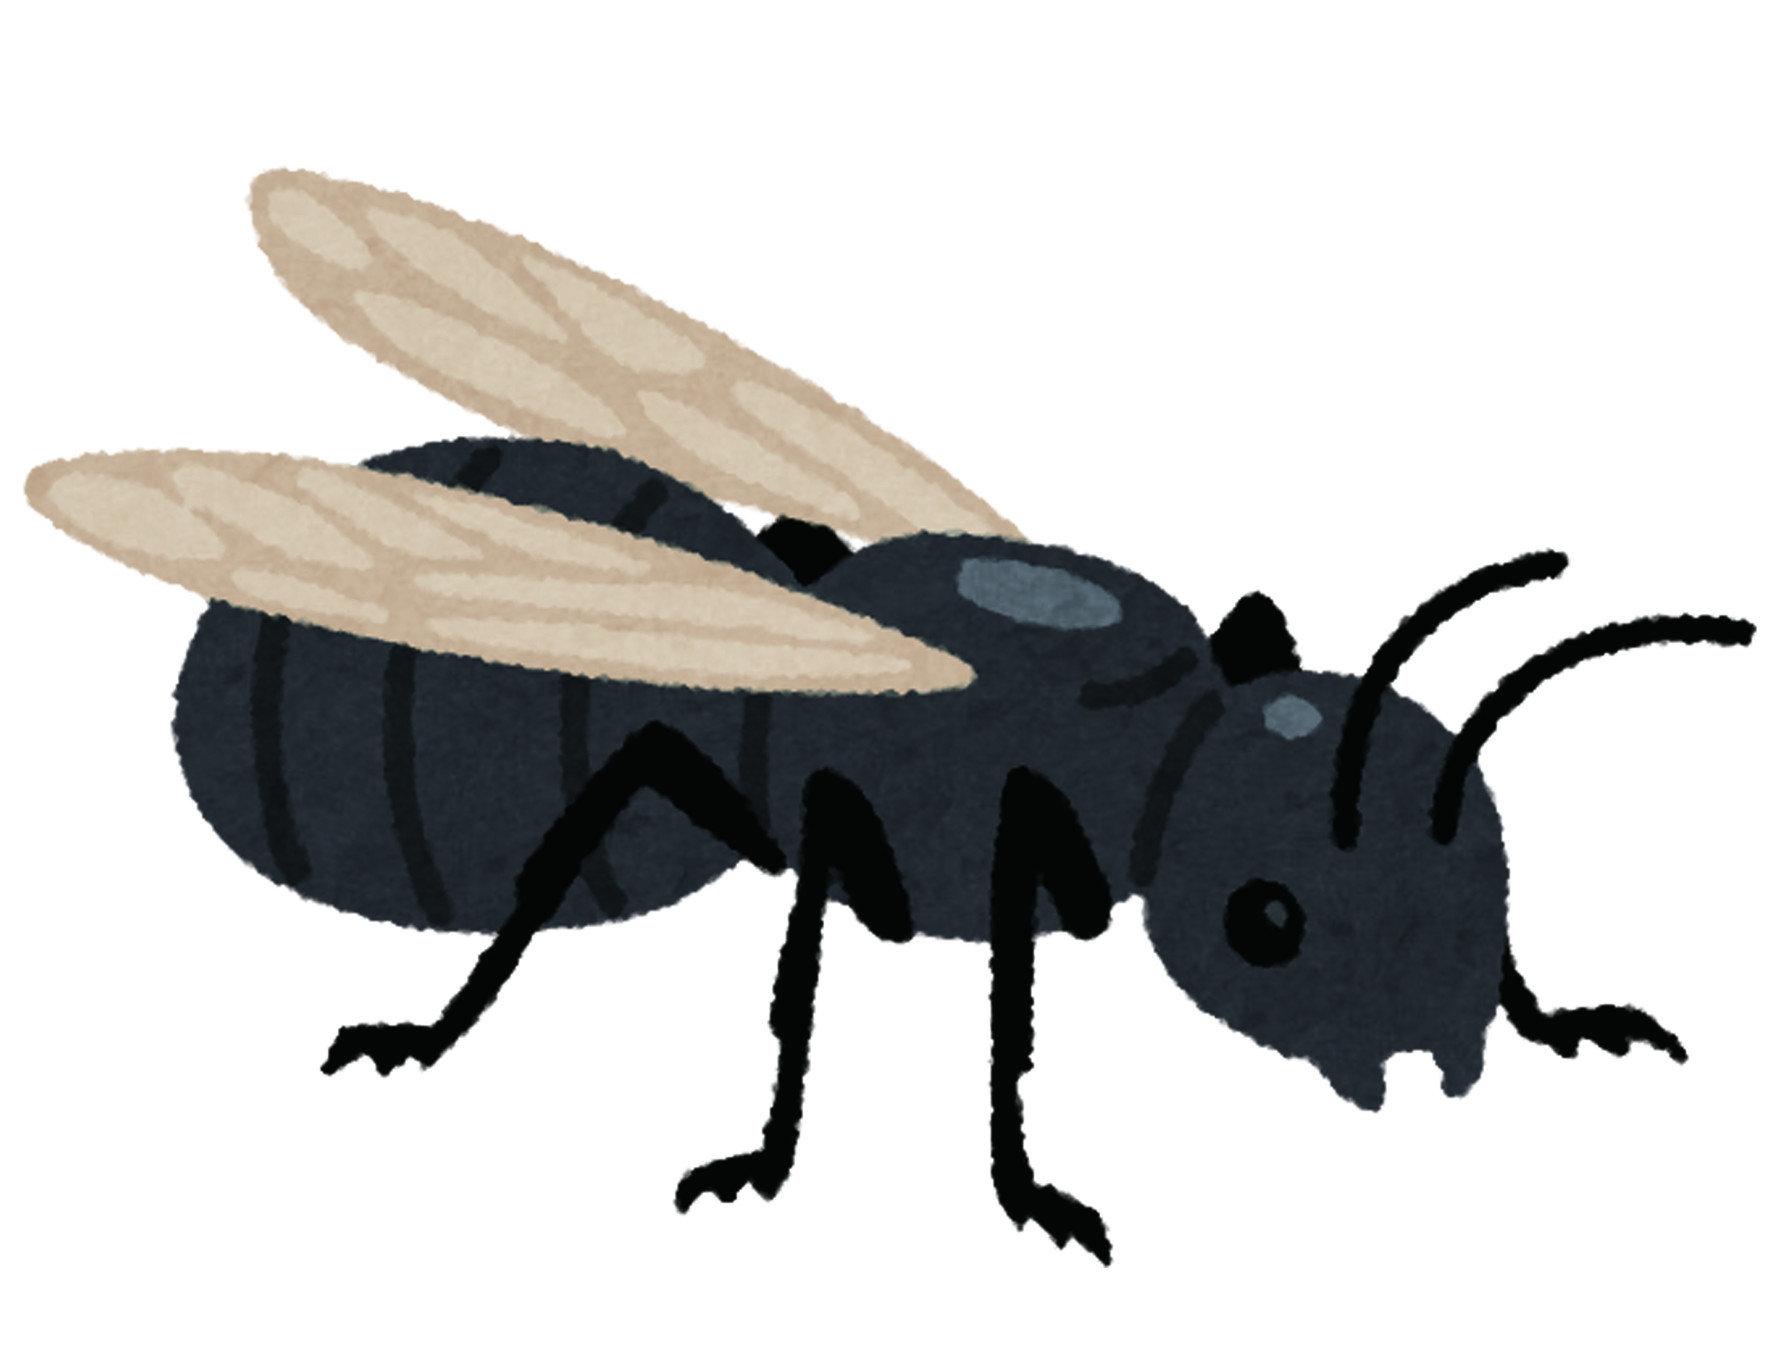 白蟻並沒有特定的產卵季節,與蚊子不同,它們並沒有固定的時間,但是只會在夏季出現。 在房子內白蟻總會以群體的形式生活在巢穴中,其中只會有一個國王與女王在產卵 白蟻紛飛並非每年都會出現,隨著蟻后不間斷的產卵,當巢穴無法容納白蟻的數量 就會出現白蟻紛飛,找尋並組織新的巢穴。